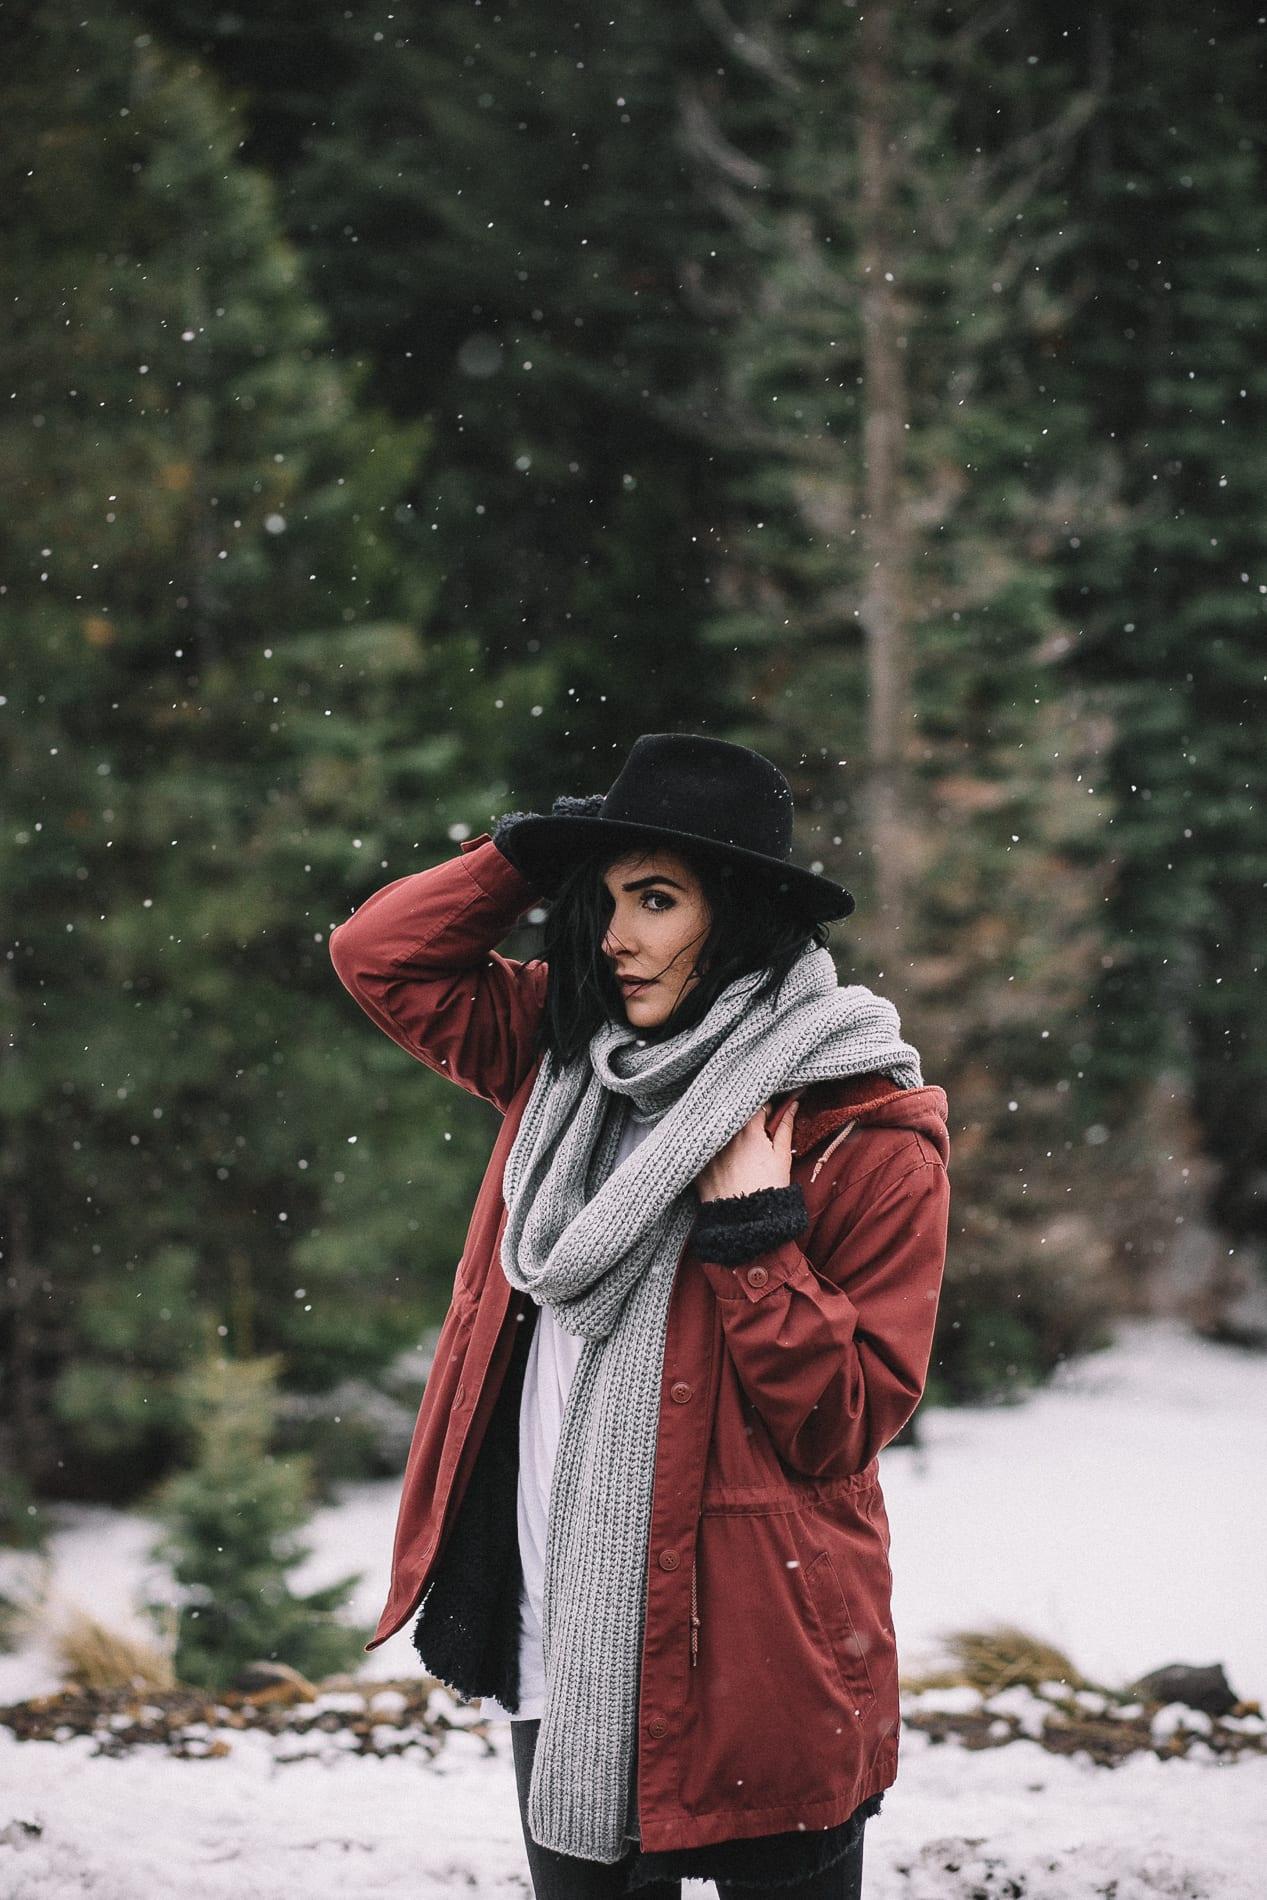 mount-lassen-adventures-lifestyle-portrait-photography-25